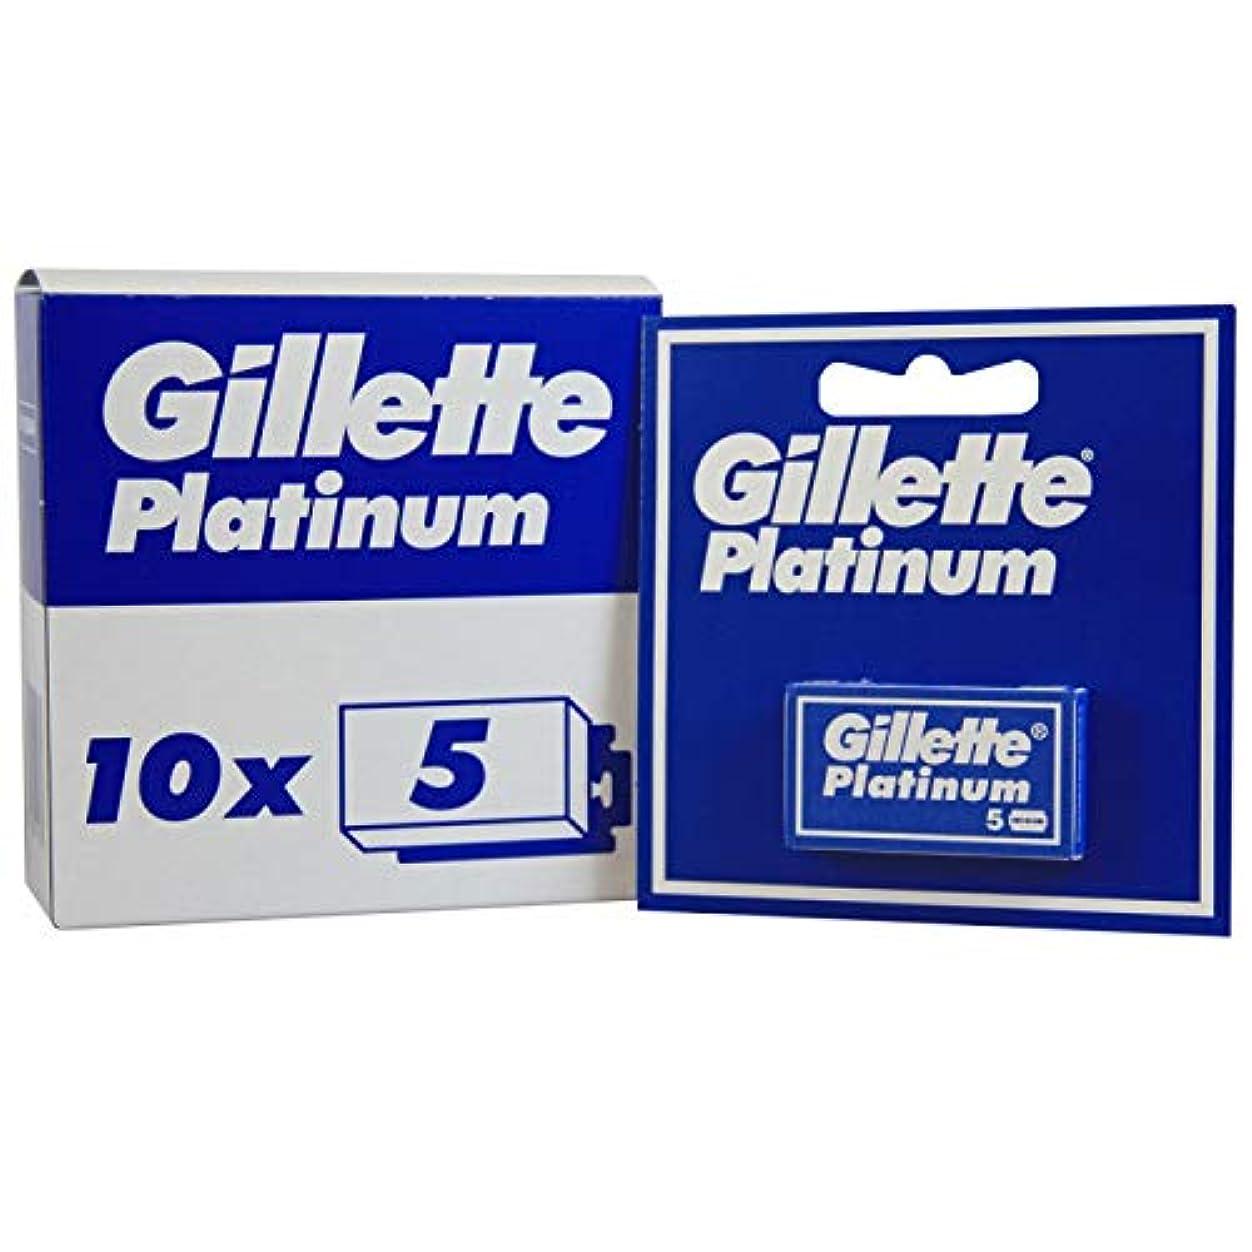 パキスタン人擬人化安心させるGillette Platinum [プレミアムホワイトボックス版!] ジレット プラチナ 両刃替刃 50個入り (5*10) [海外直送品] [並行輸入品]